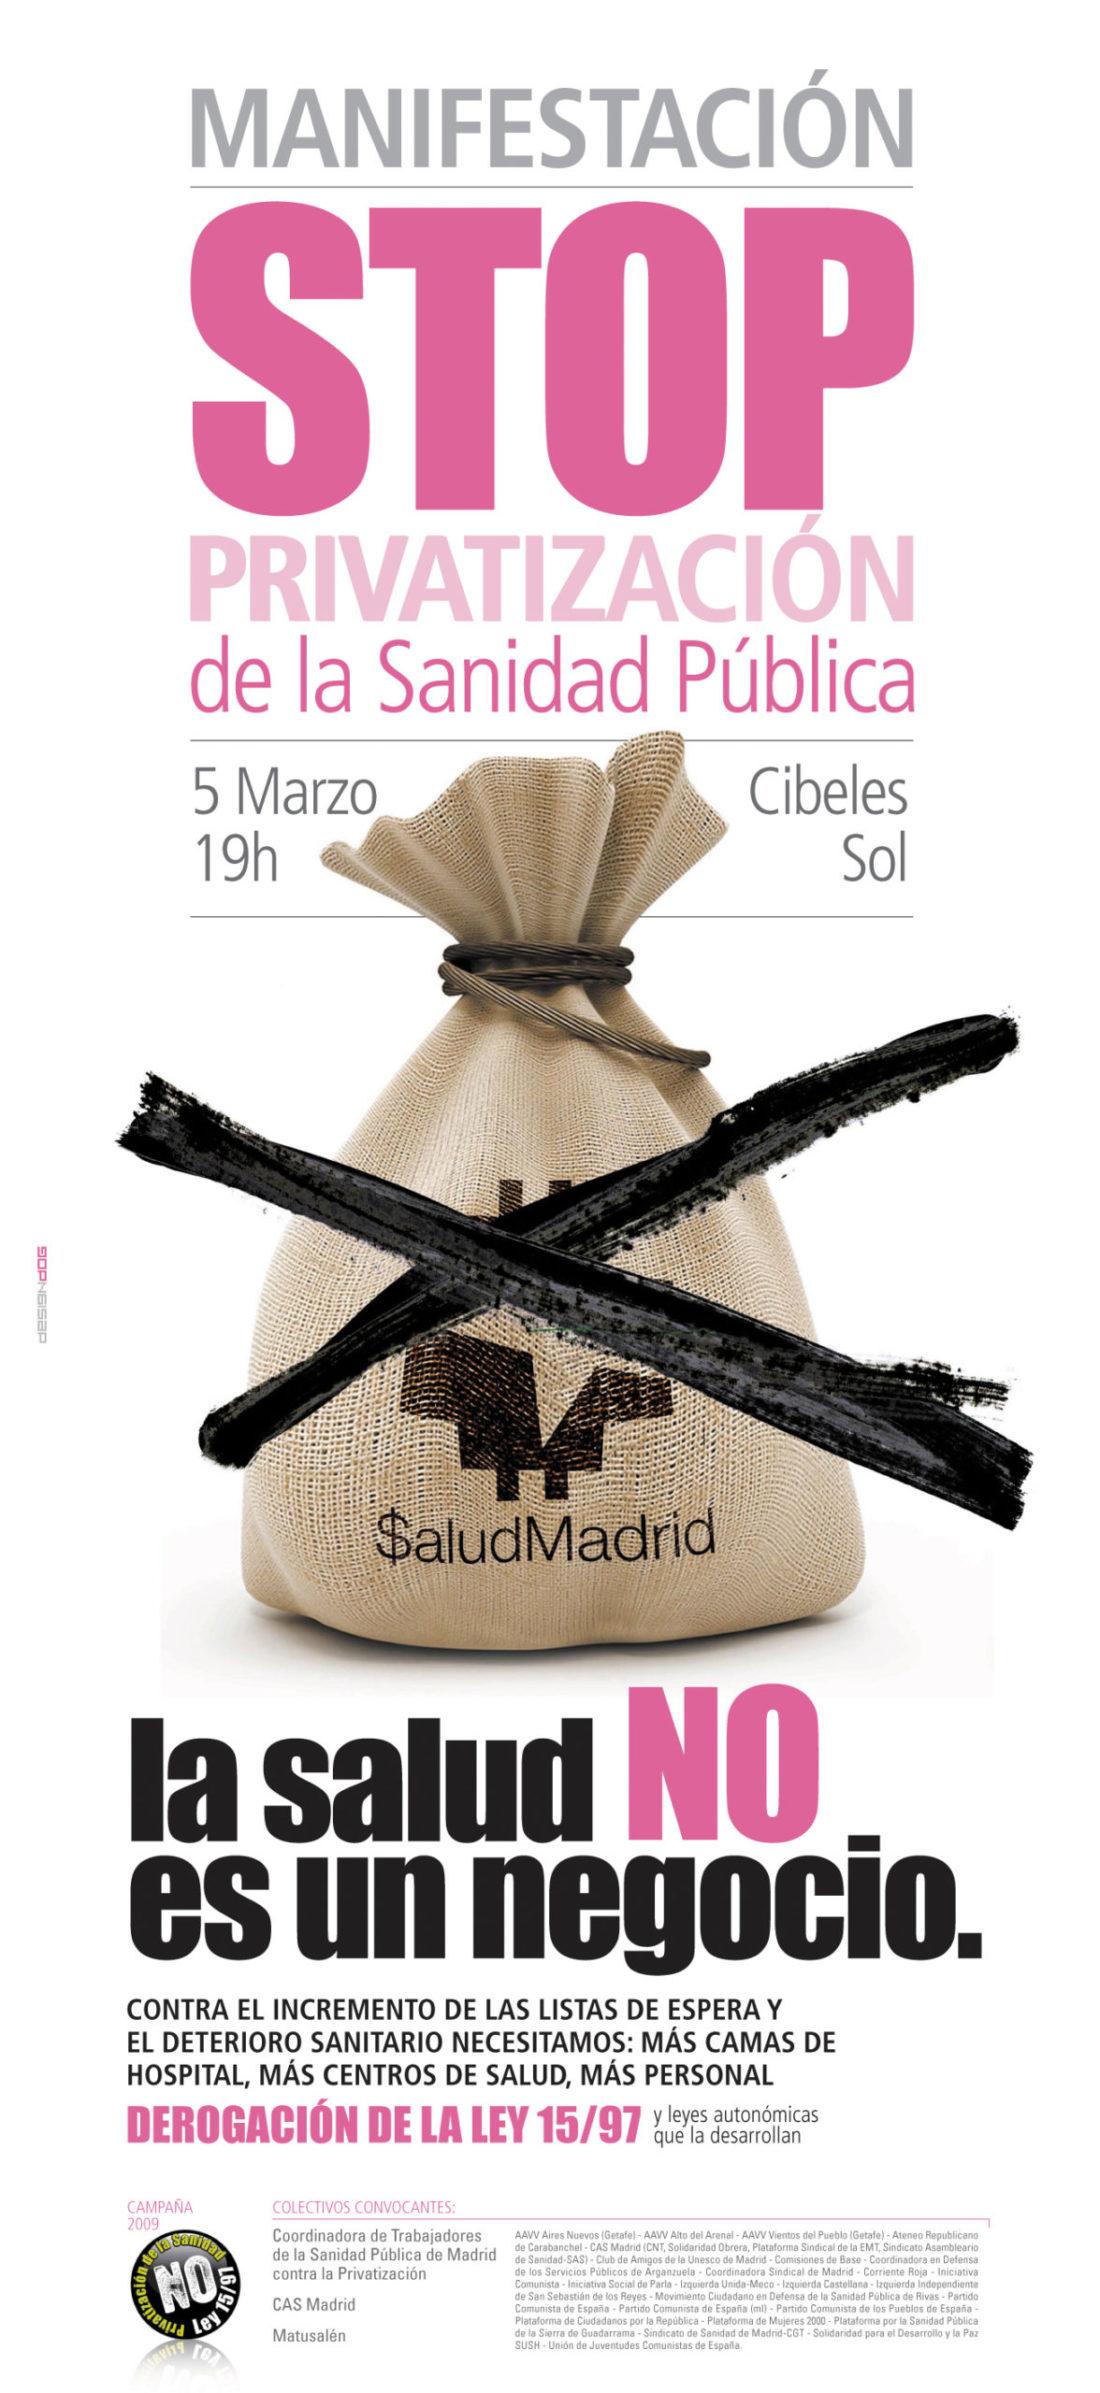 Madrid, 5 de marzo: Manifestación contra la privatización de la sanidad